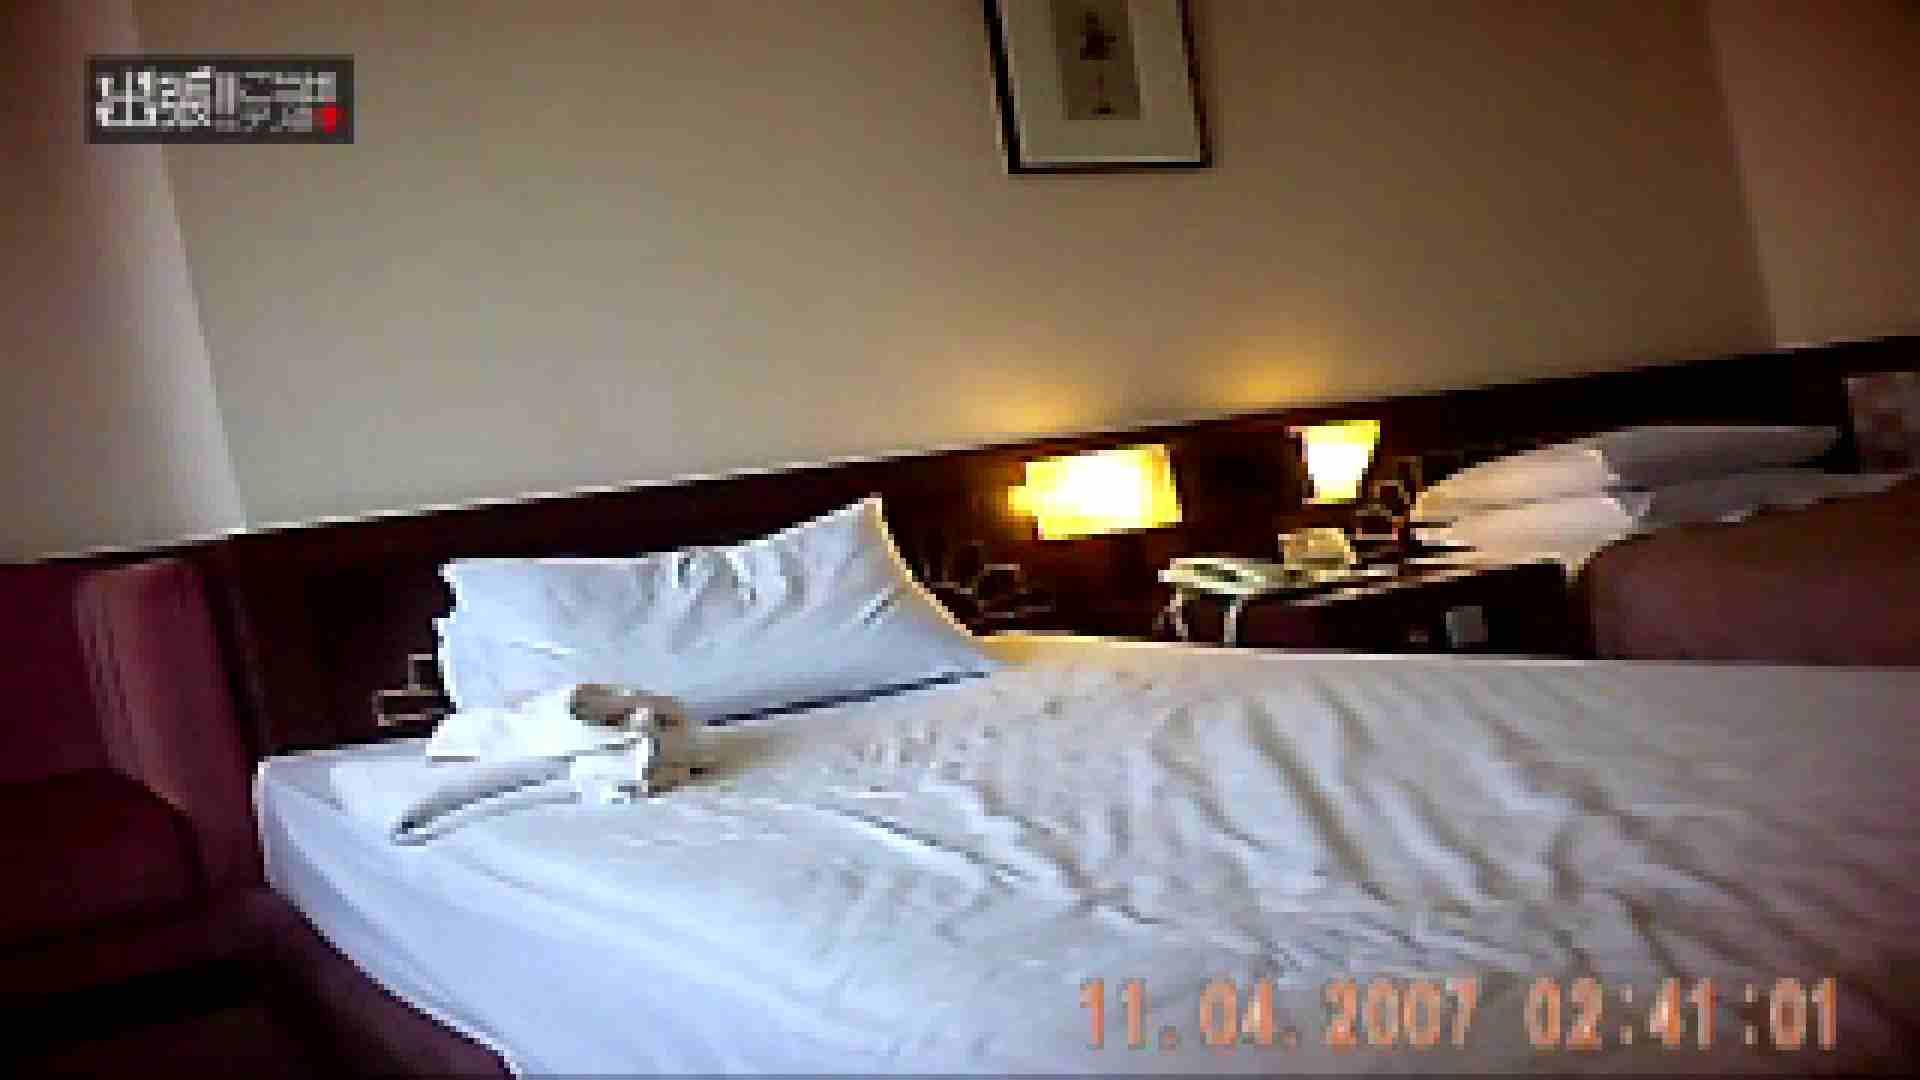 出張リーマンのデリ嬢隠し撮り第2弾 セックス ワレメ動画紹介 104PIX 3